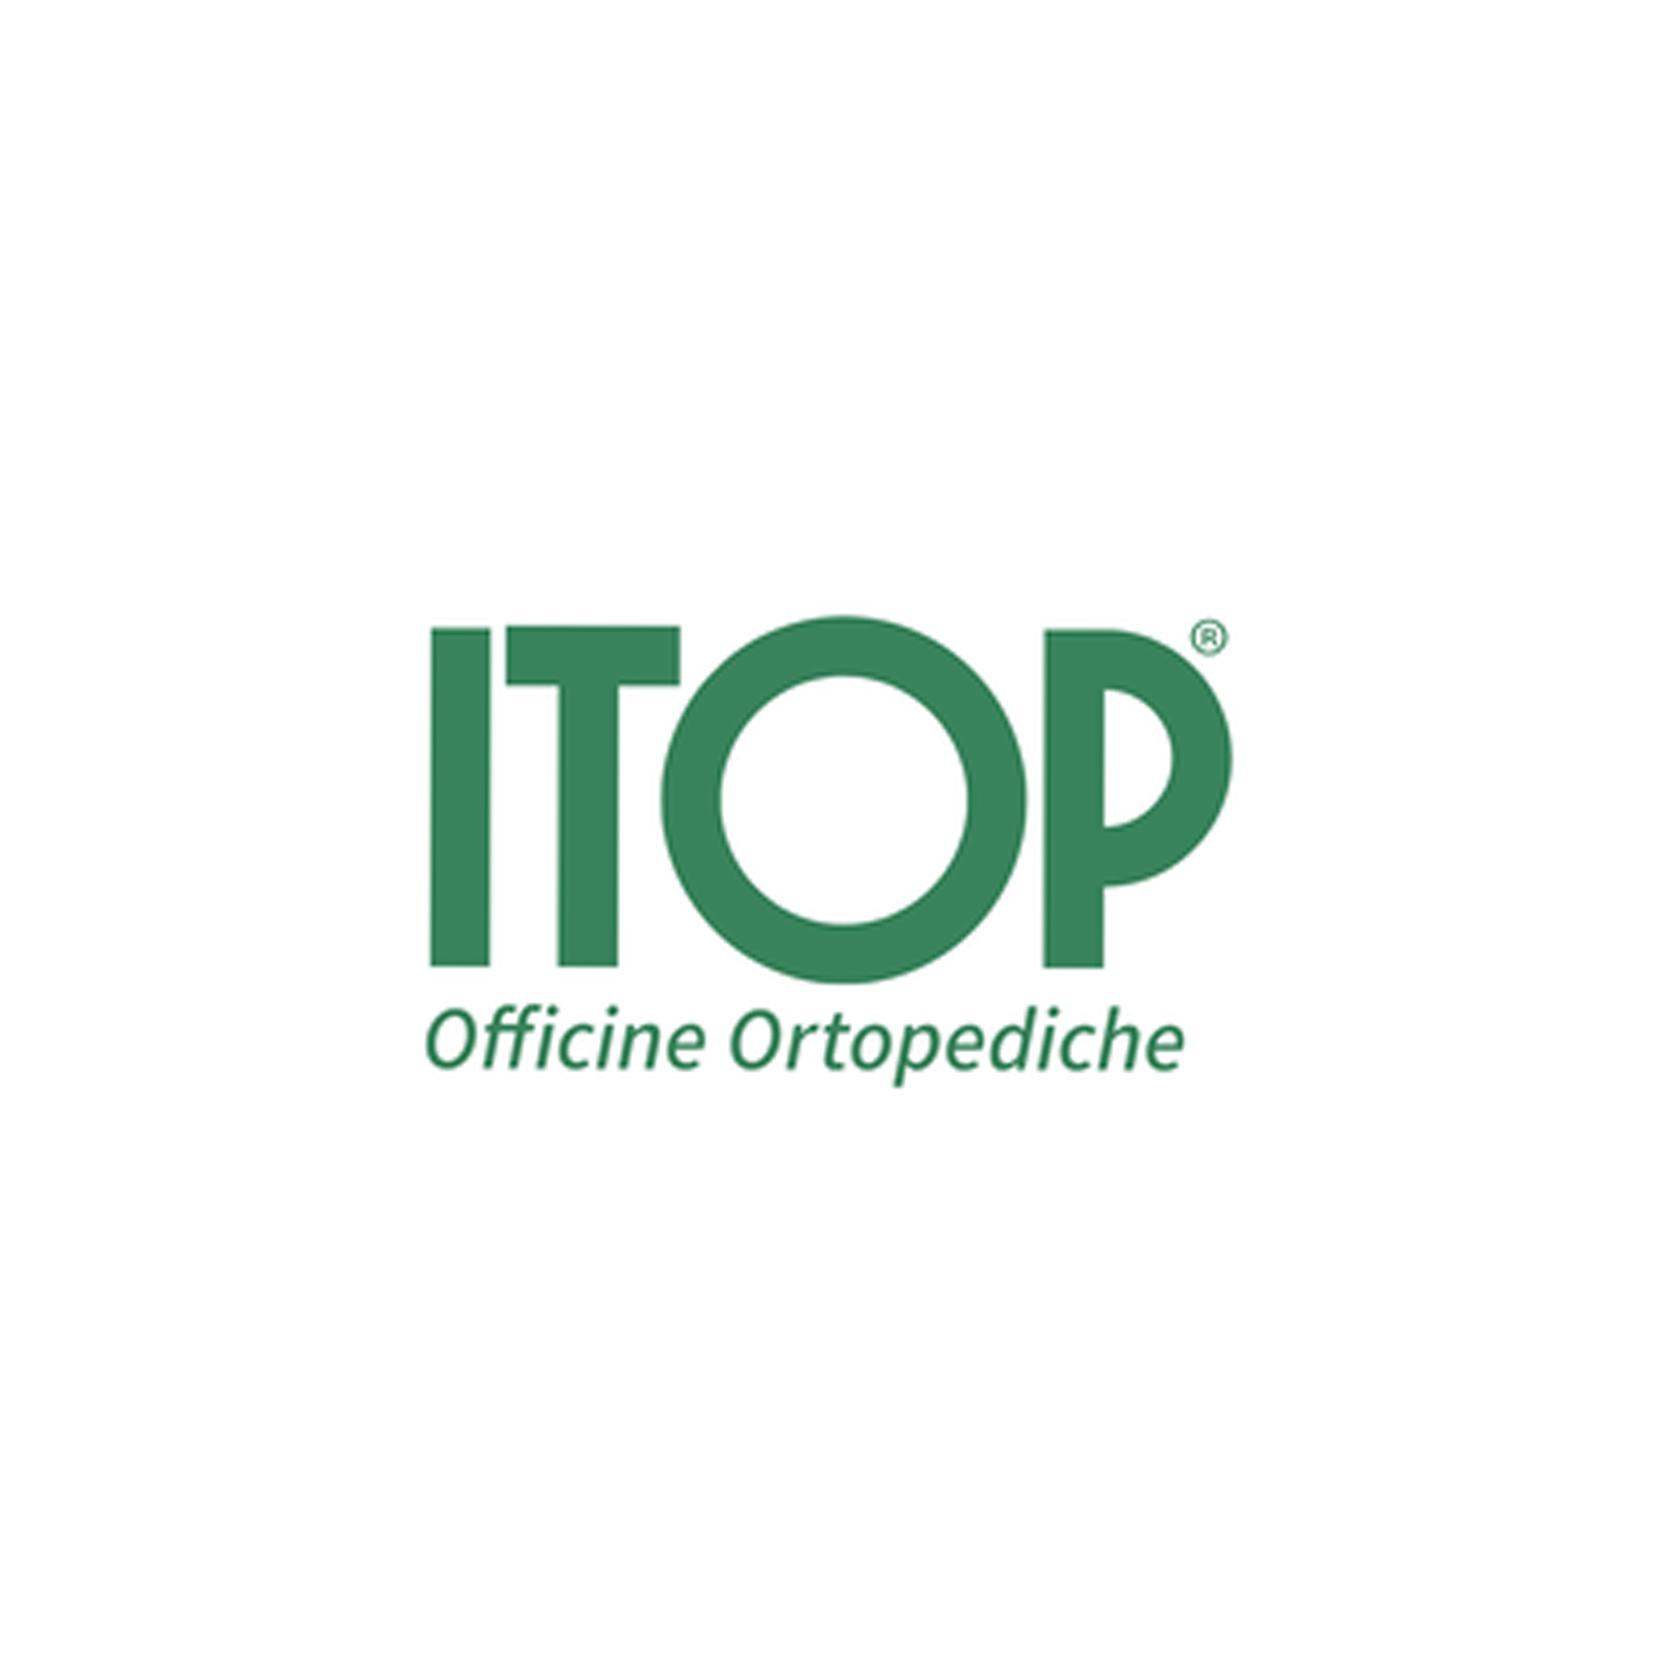 ITOP – Officine Ortopediche - Palestrina